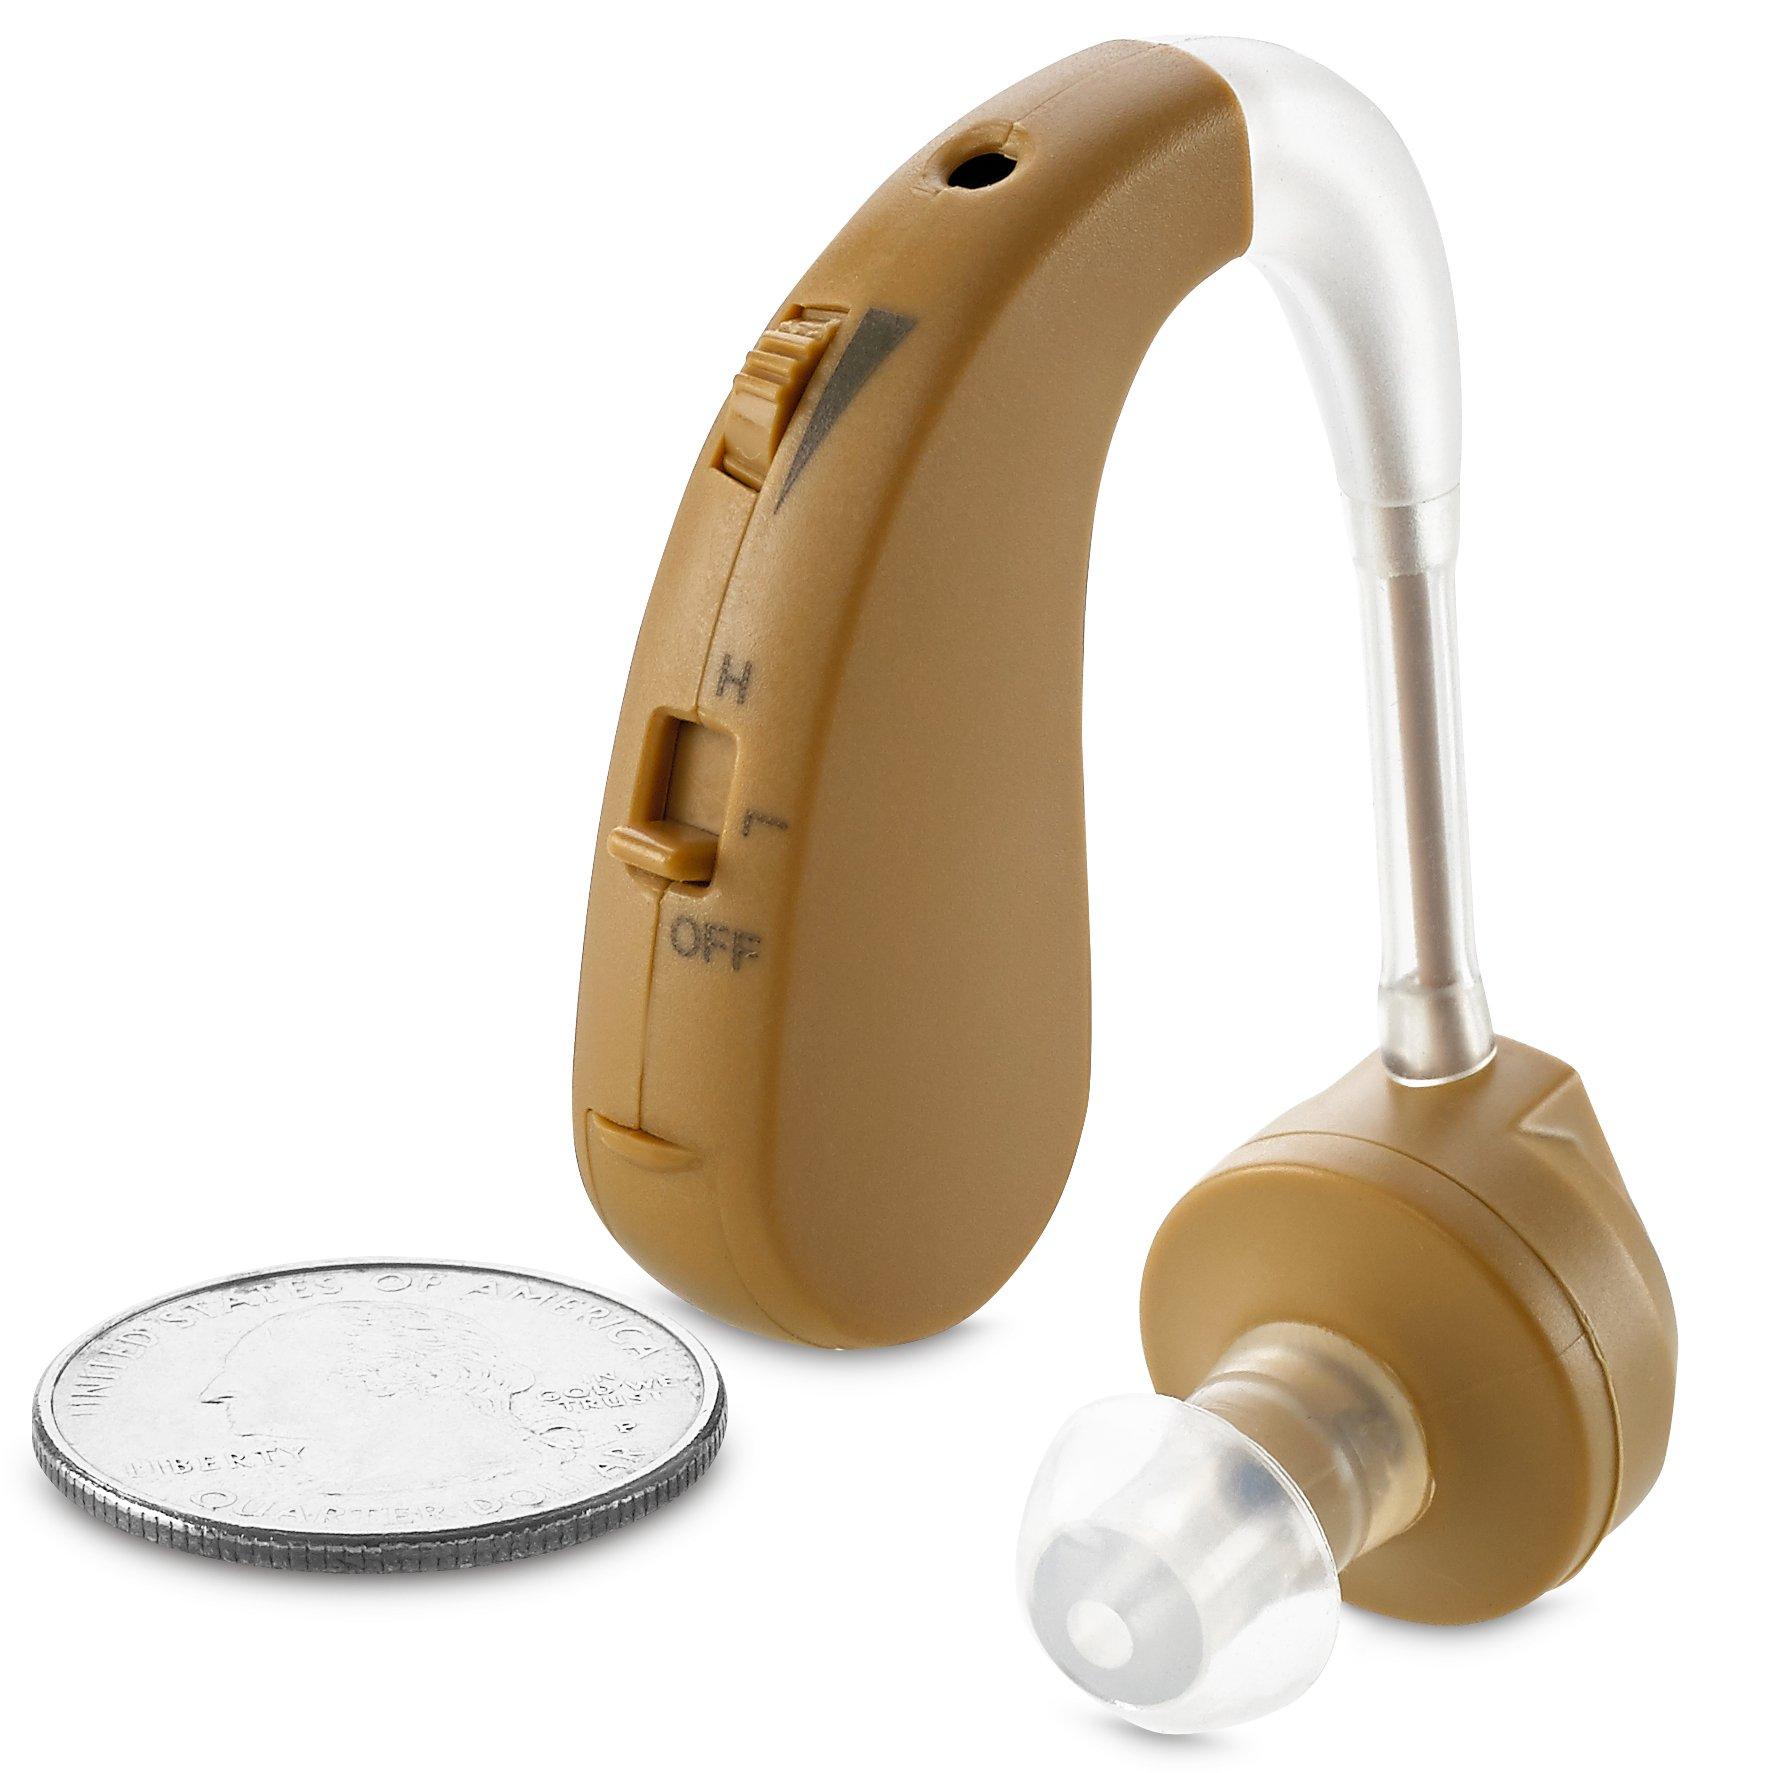 NewEar Hearing Amplifier Personal Sound Amplifier